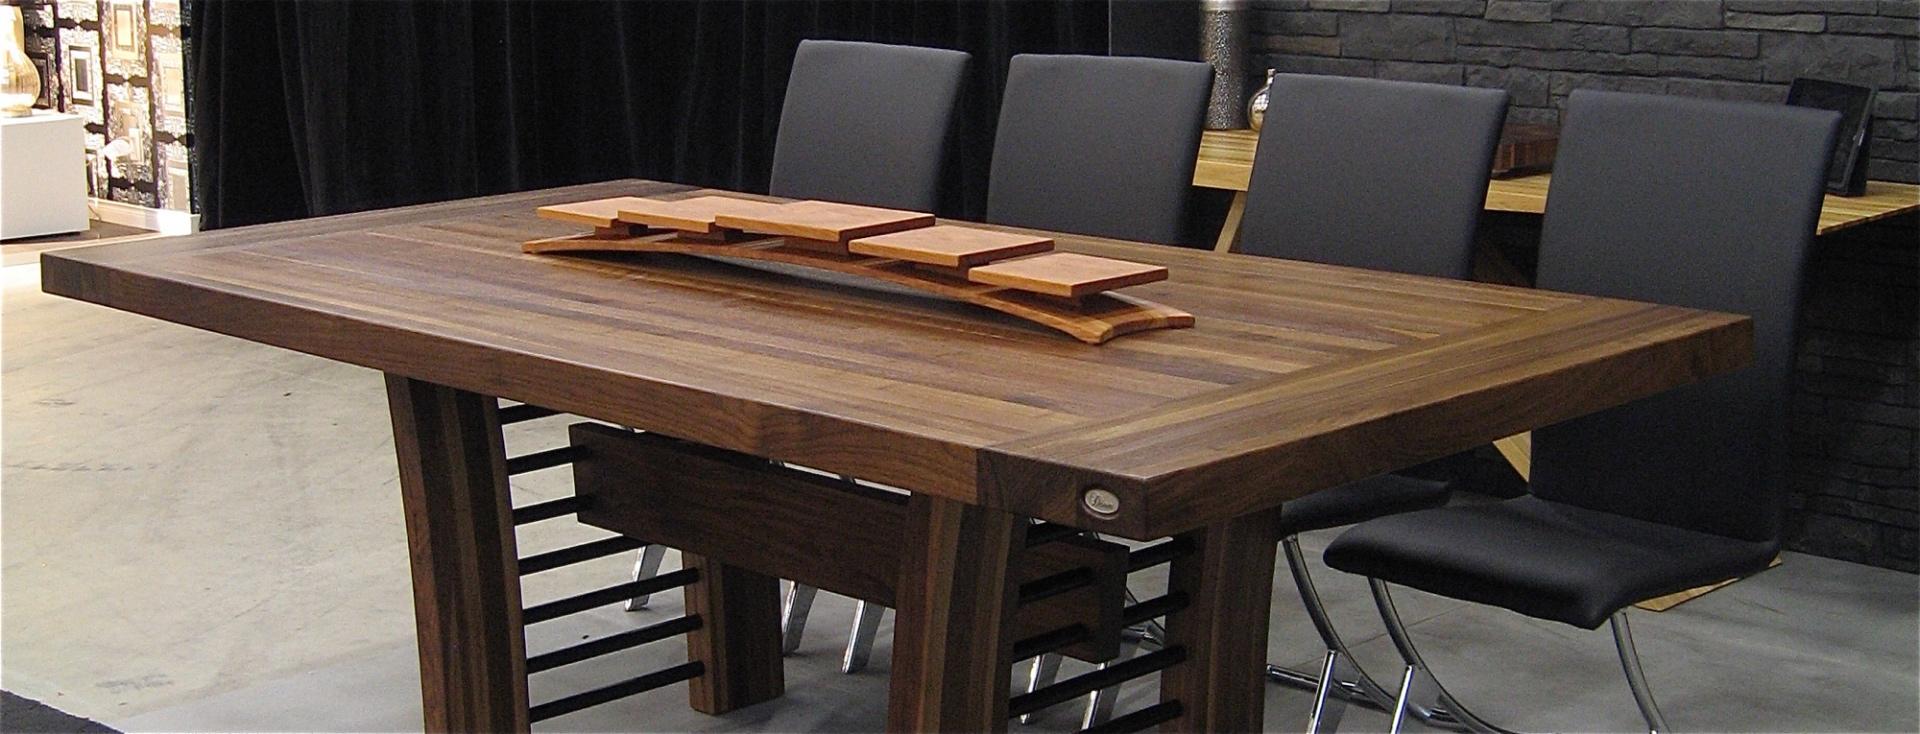 Table Comptoir Bloc De Boucher Et Ilt En Bois Massif